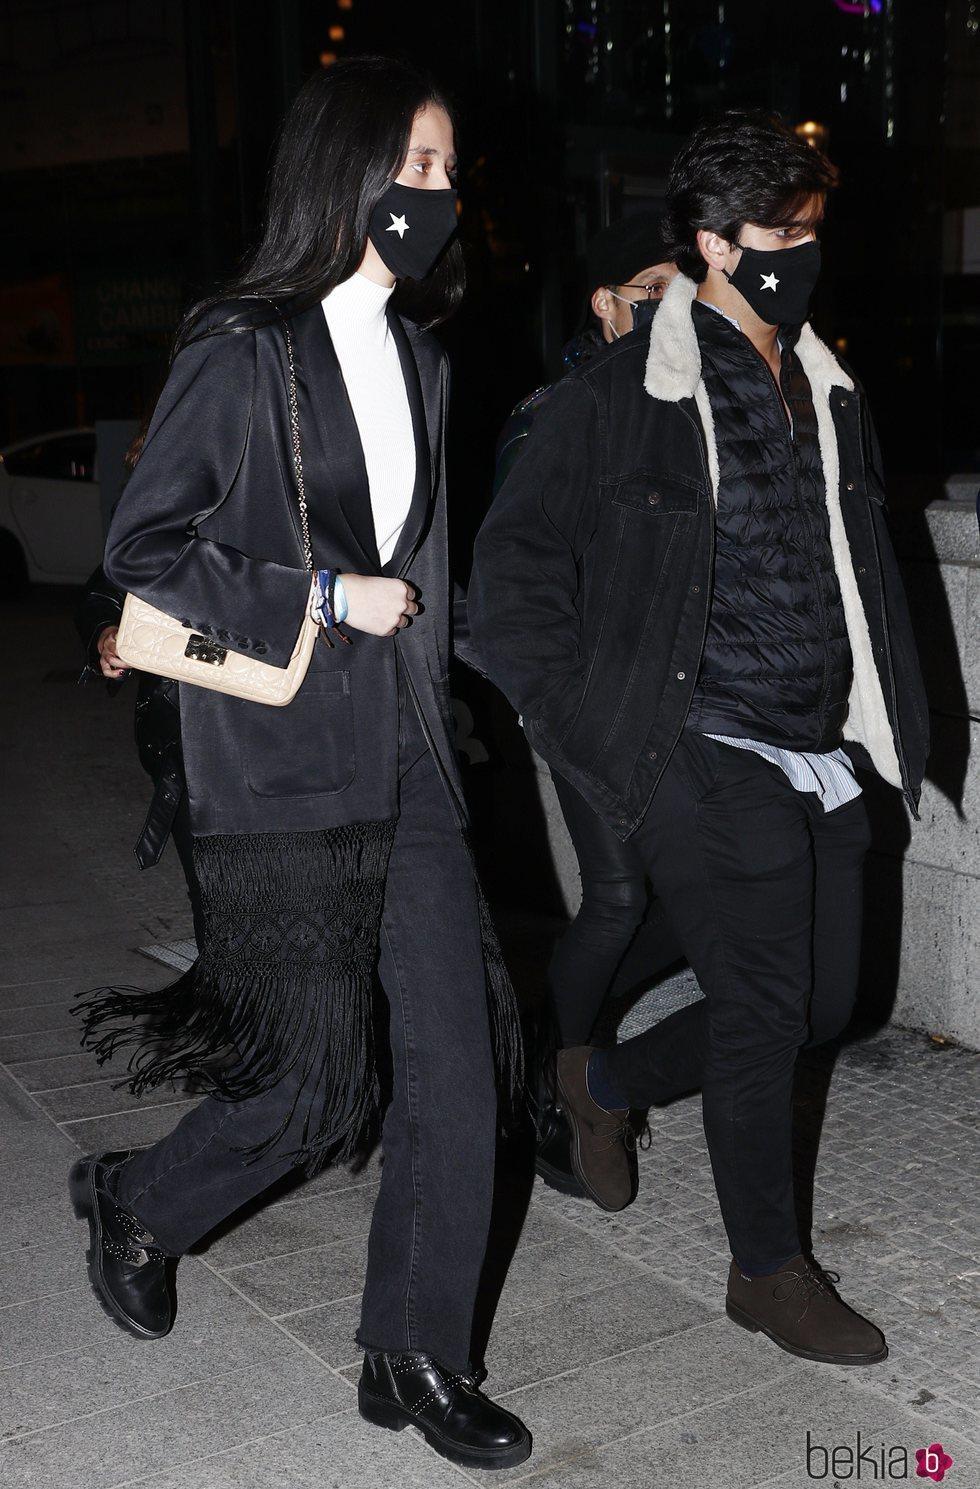 Victoria Federica y Jorge Bárcenas tras la cena de inauguración del Hotel Four Seasons de Madrid